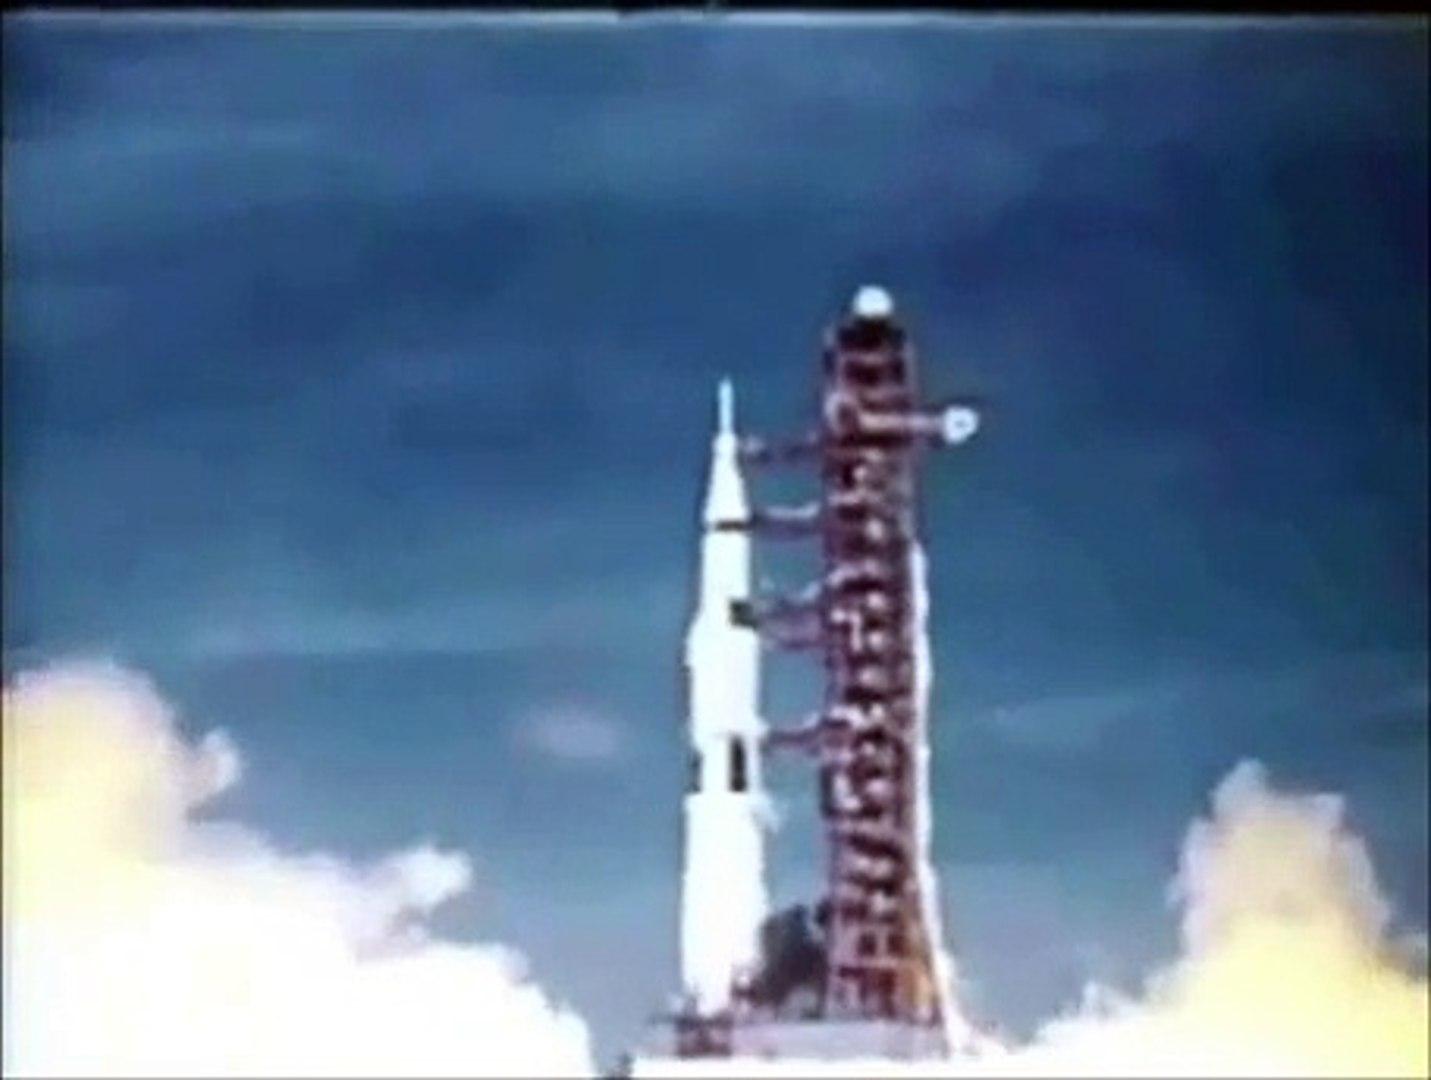 アポロ11号の月面着陸エリア51スタジオ映像とコーラのビン Apollo 11 lunar landing are 51 studio video and cola bottle   無題